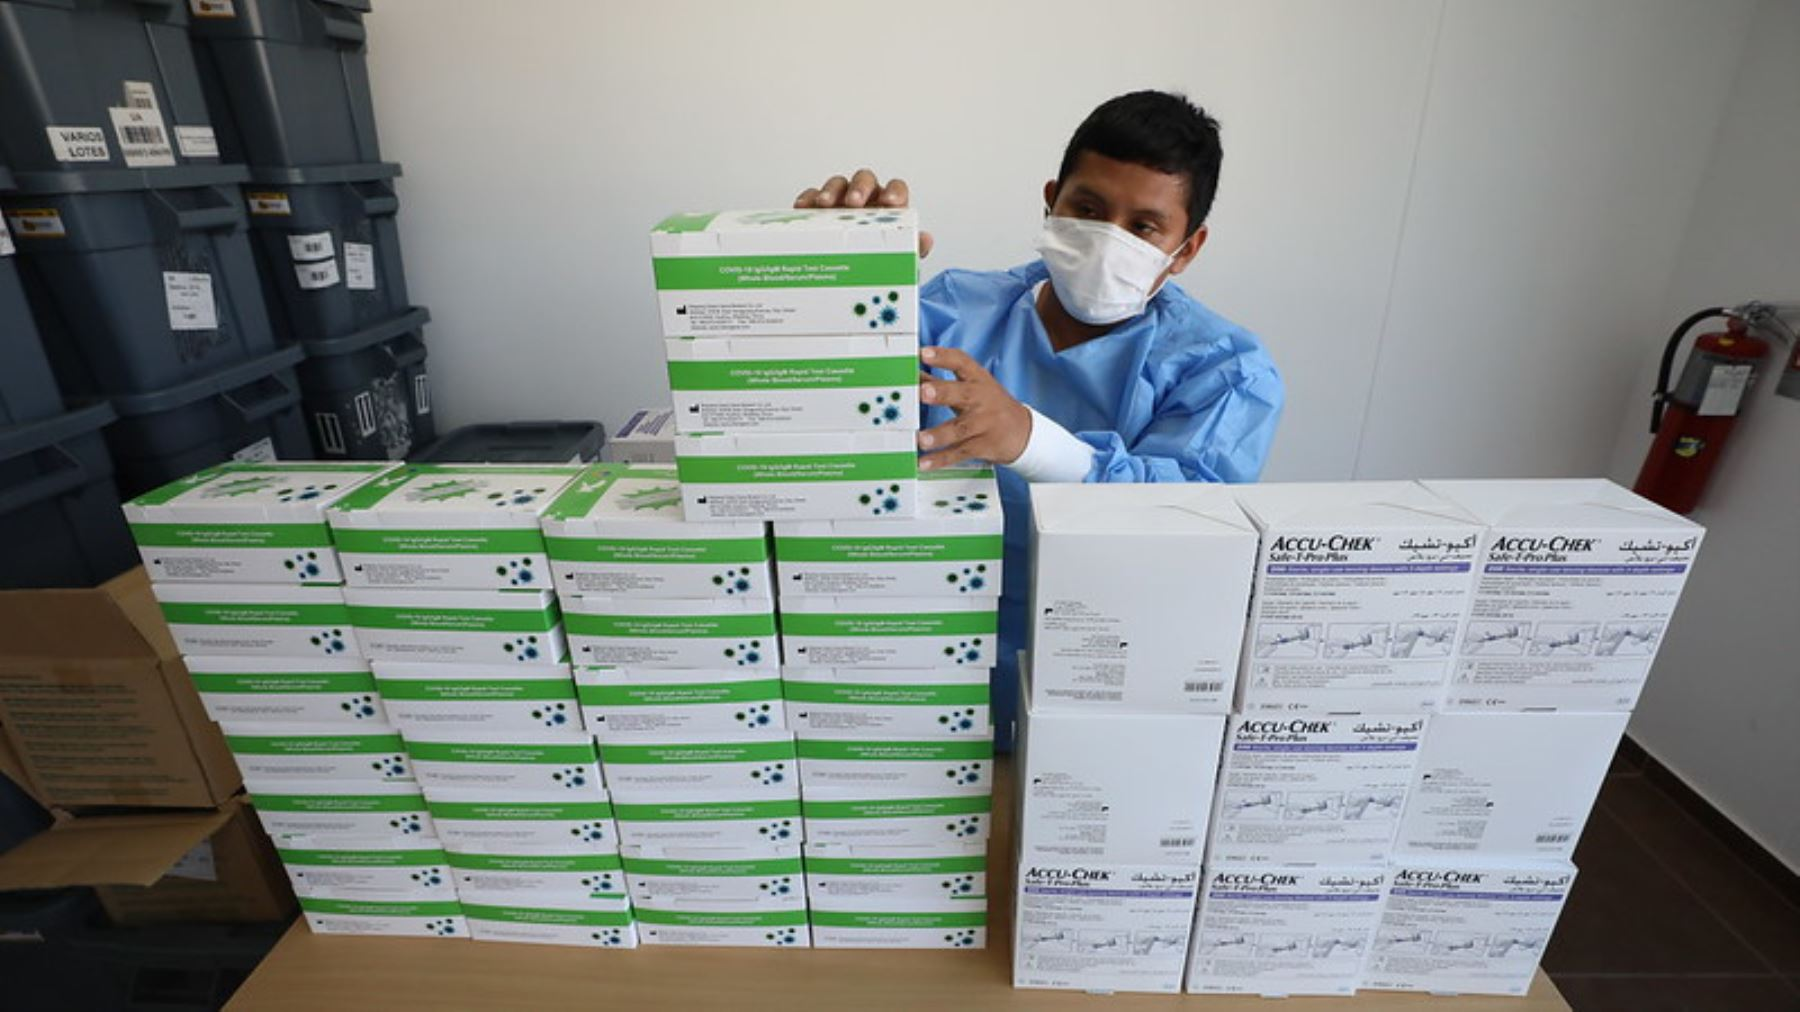 Centro de Atención y Aislamiento de Essalud  recibe las  pruebas rápidas de coronavirus. Foto: ANDINA/Essalud